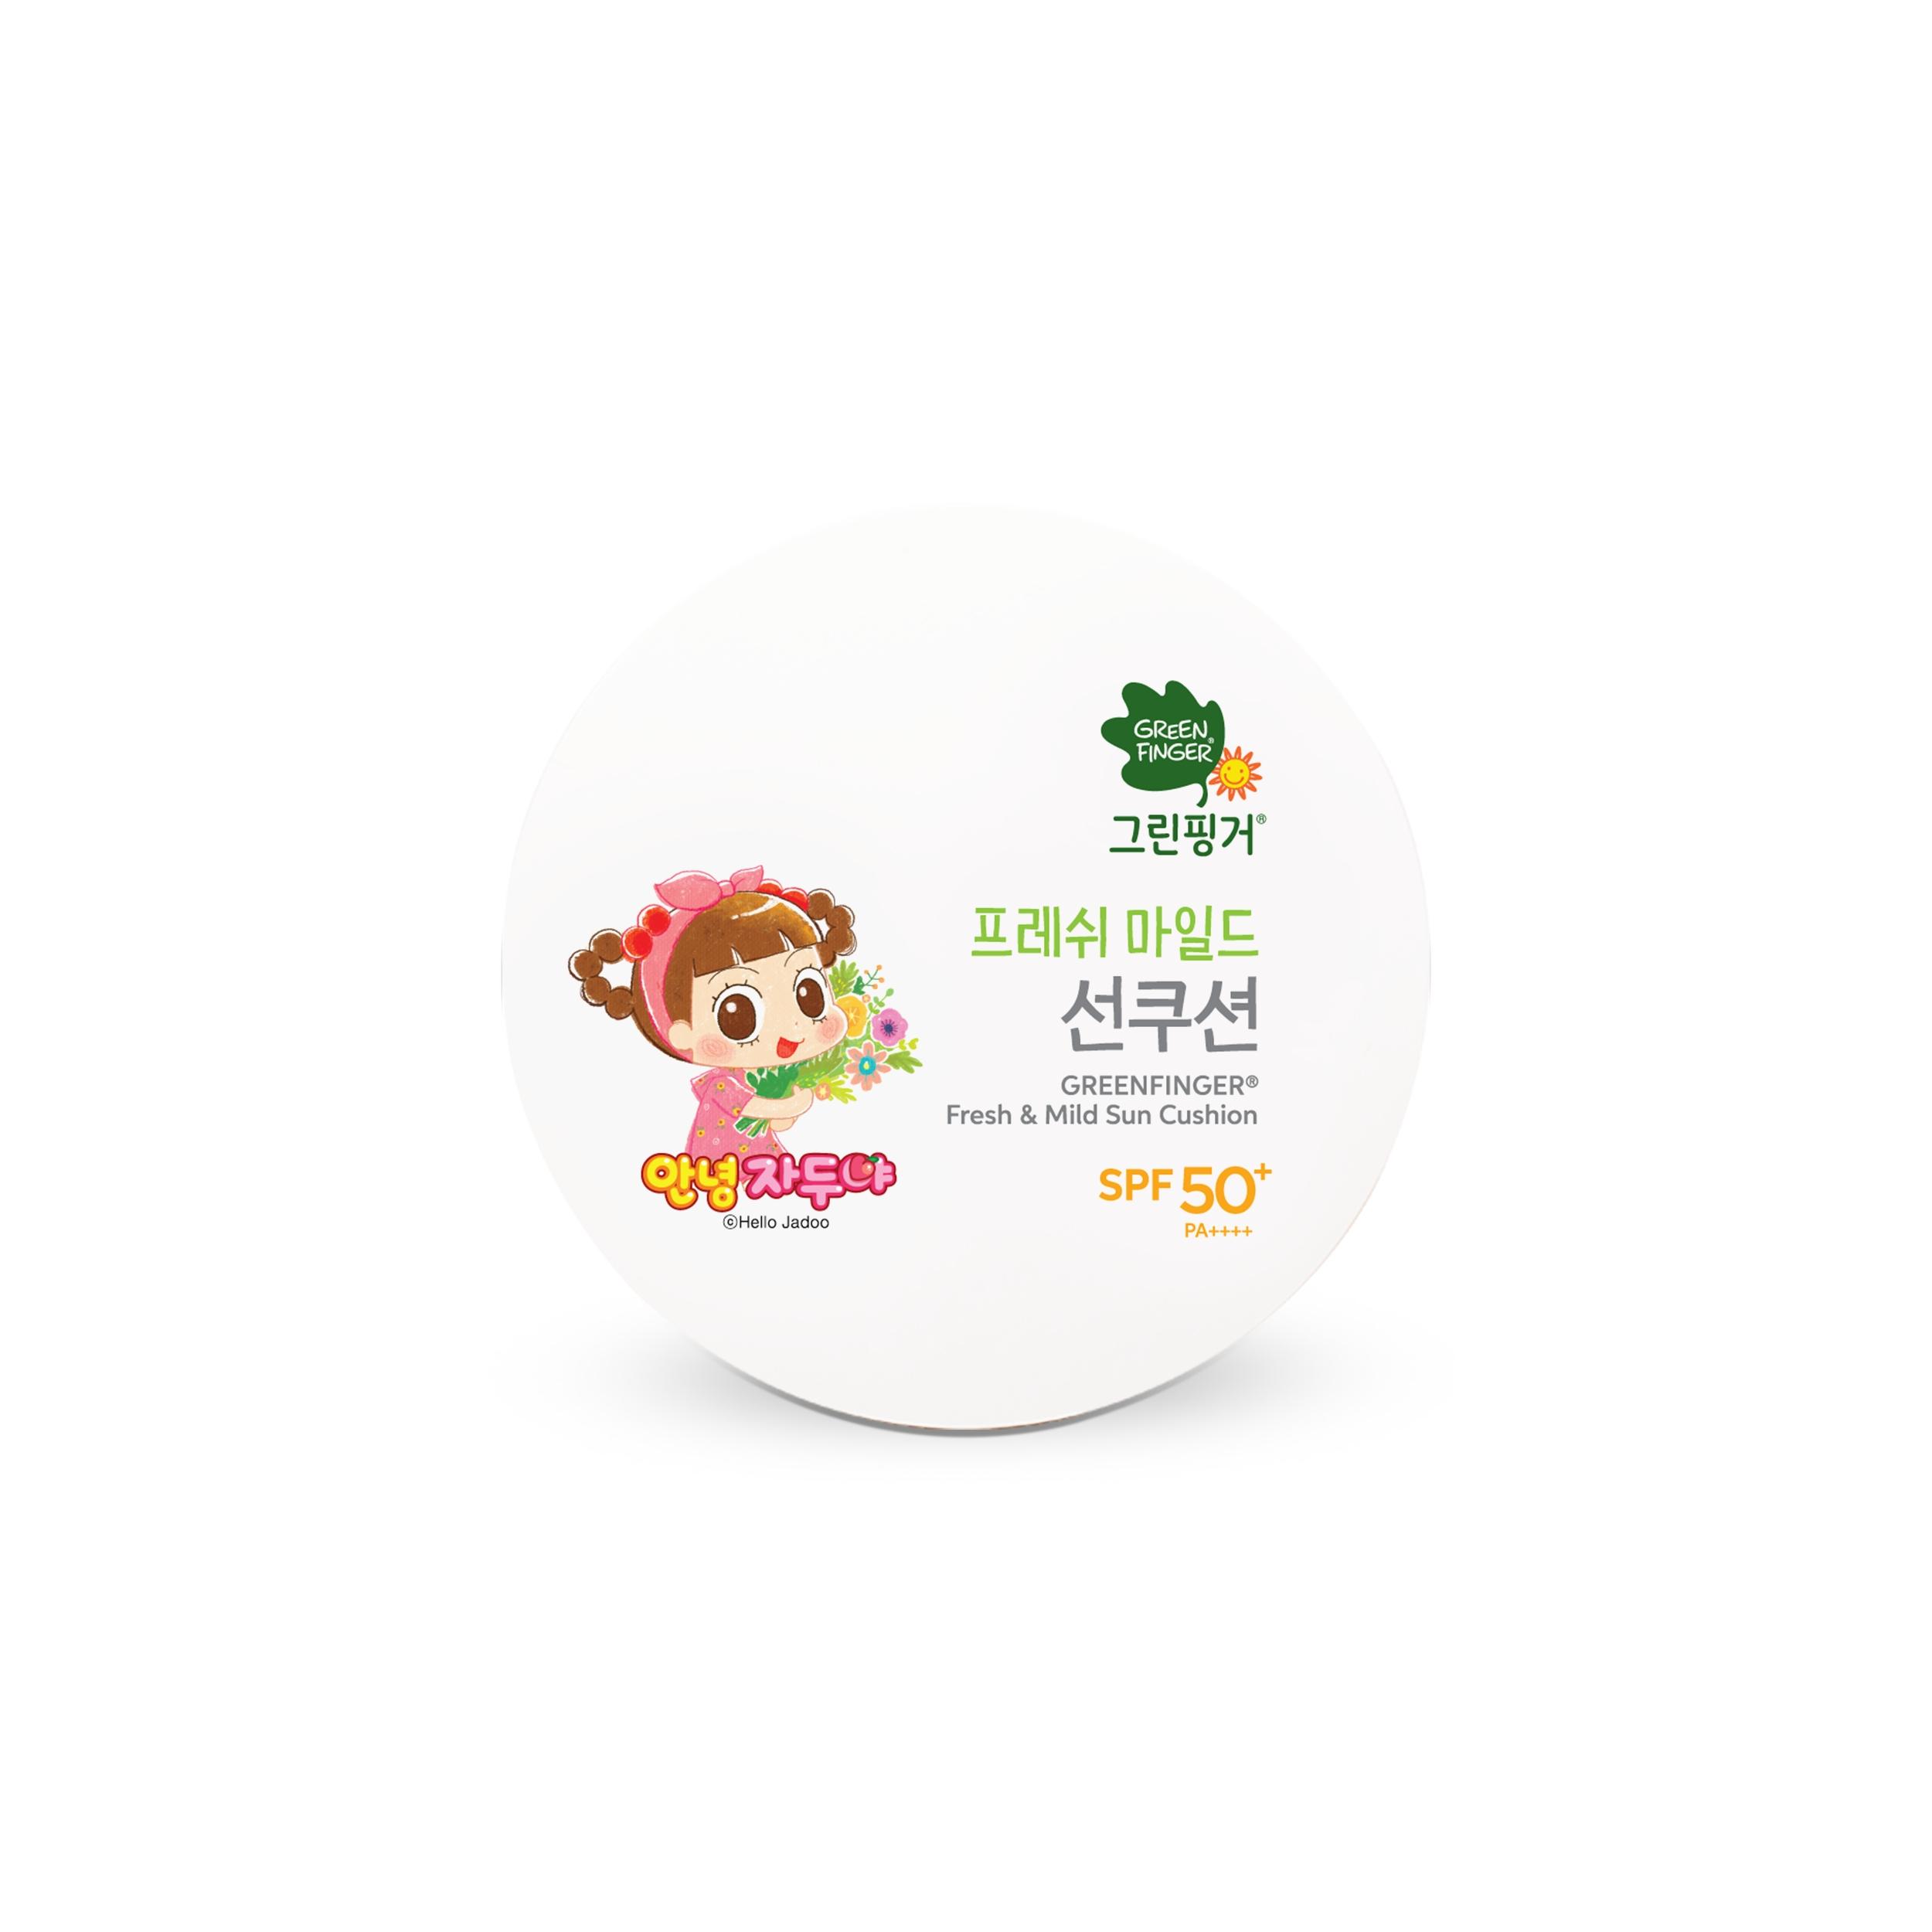 그린핑거 프레쉬 마일드 유아 선쿠션 SPF50+ PA++++, 12g, 1개